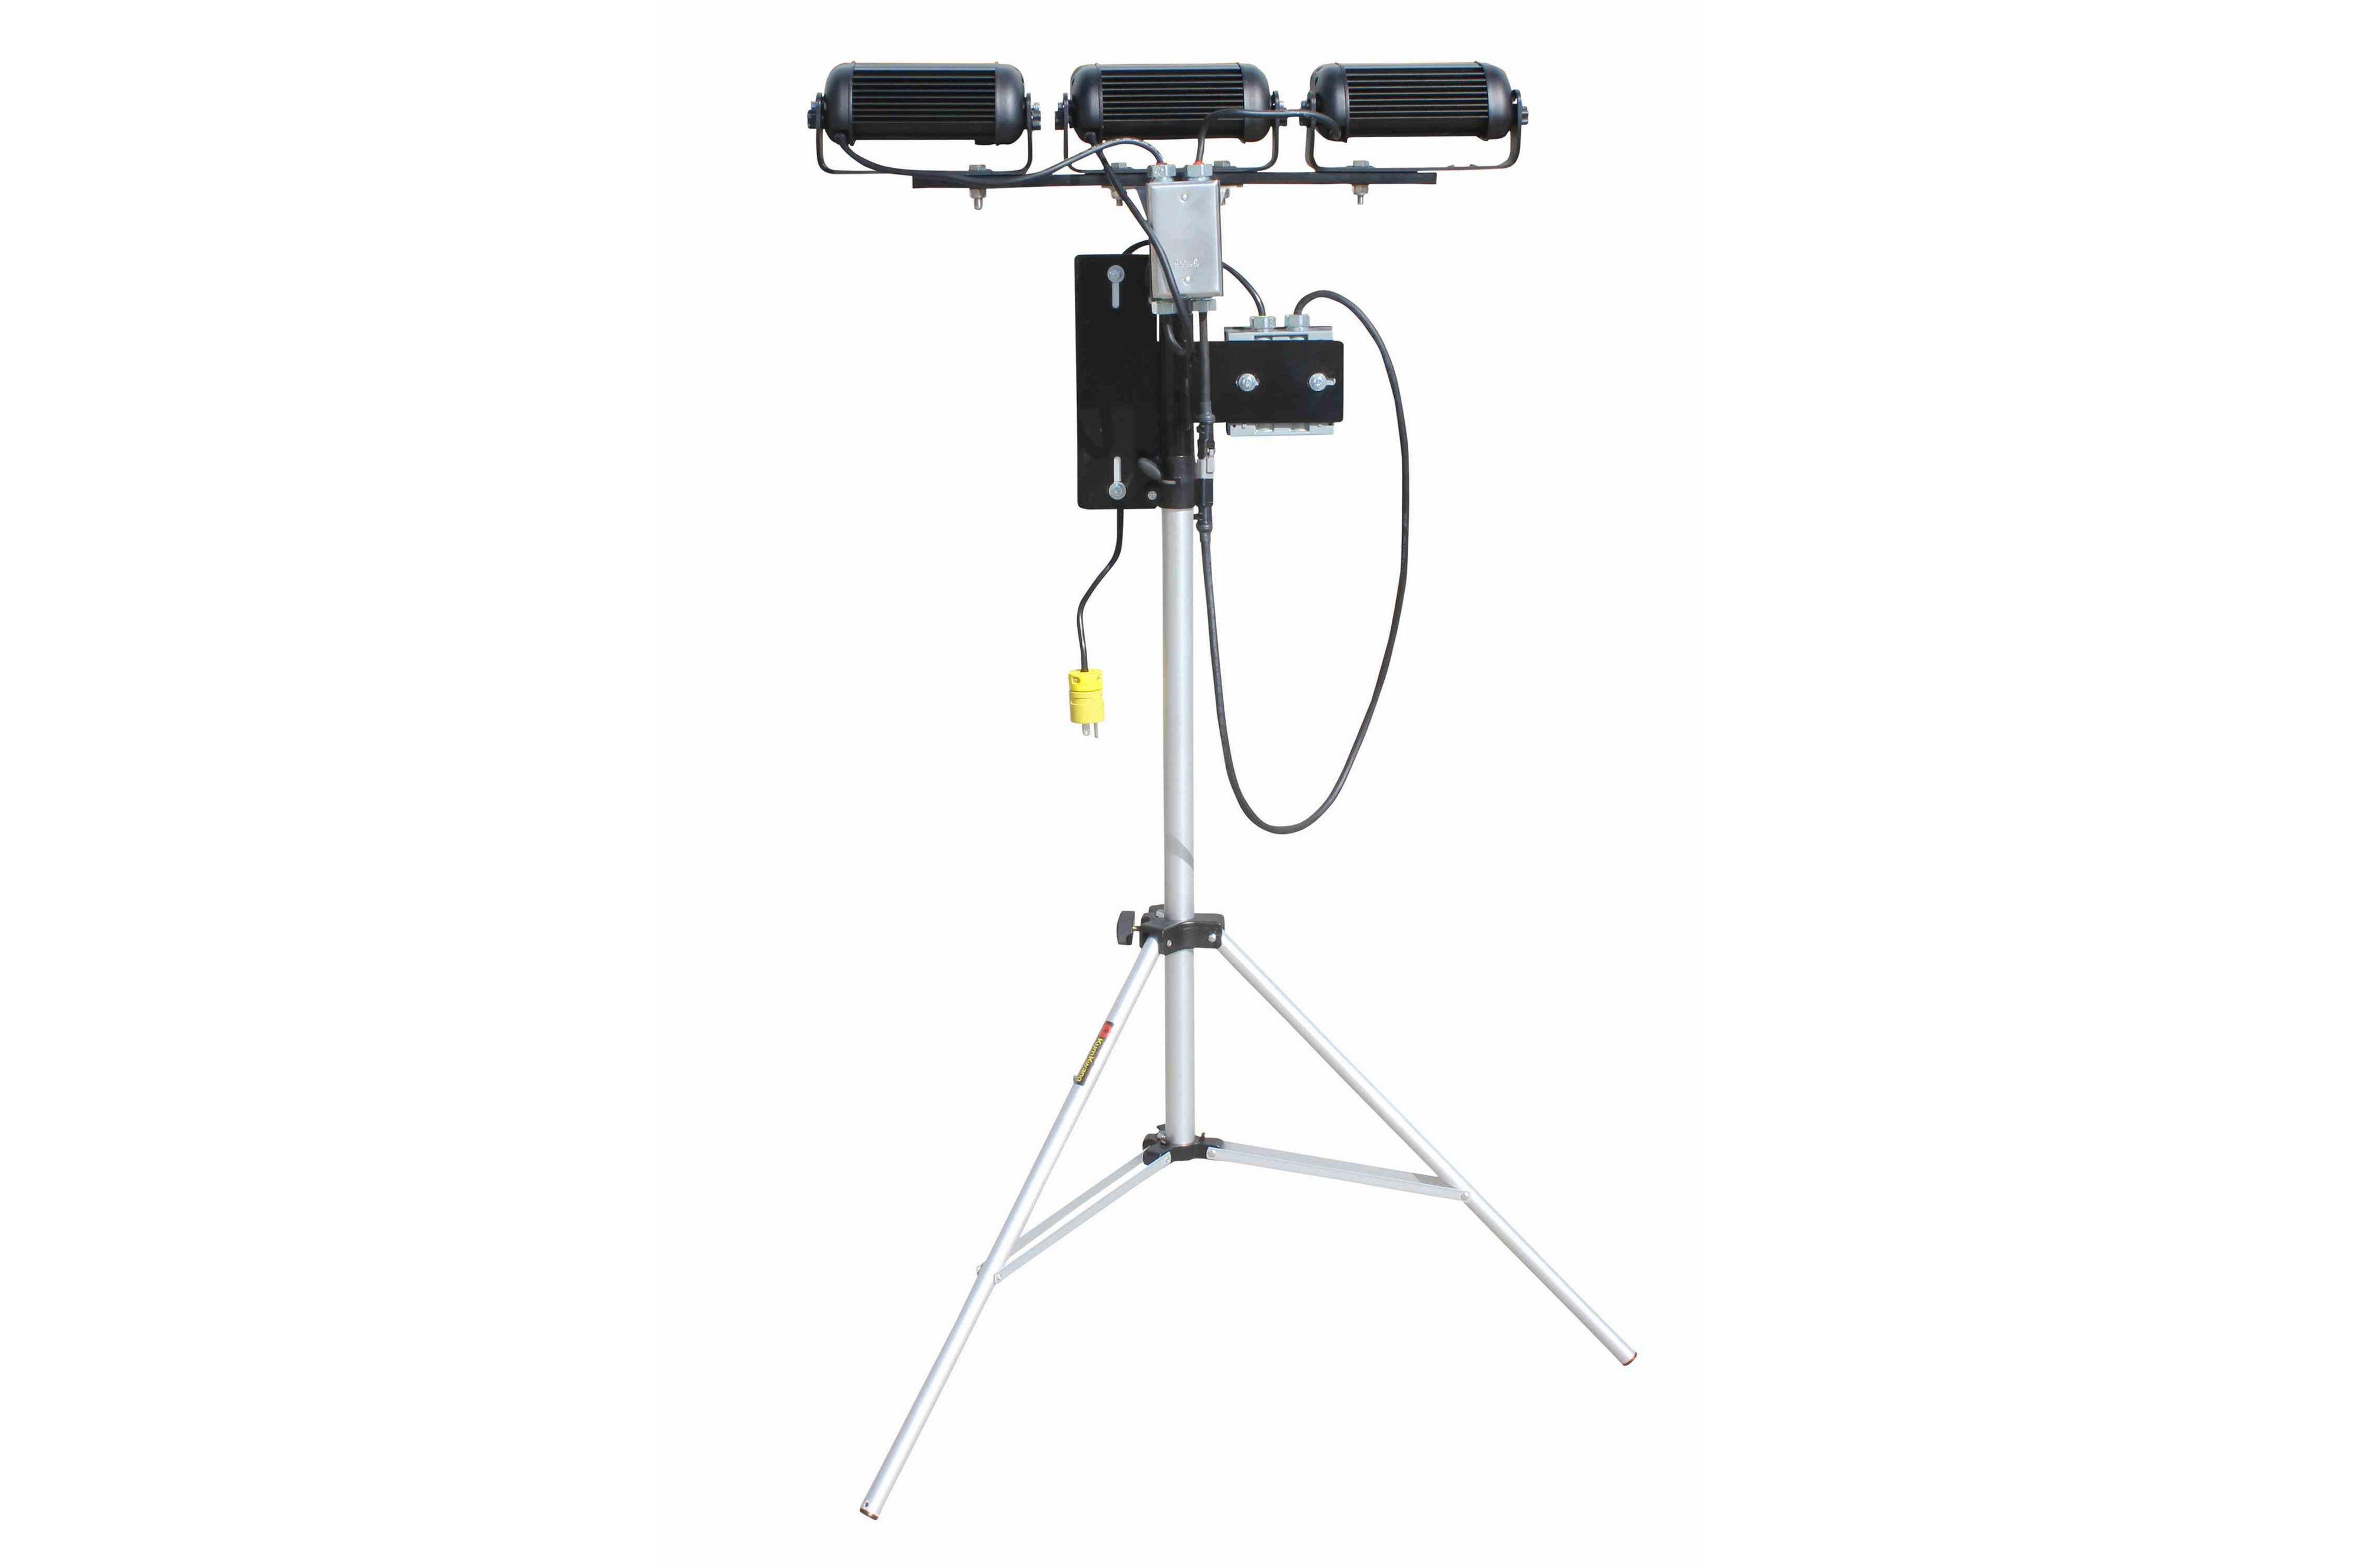 108 Watt Portable Led Telescoping Light Tower Extends 3 5